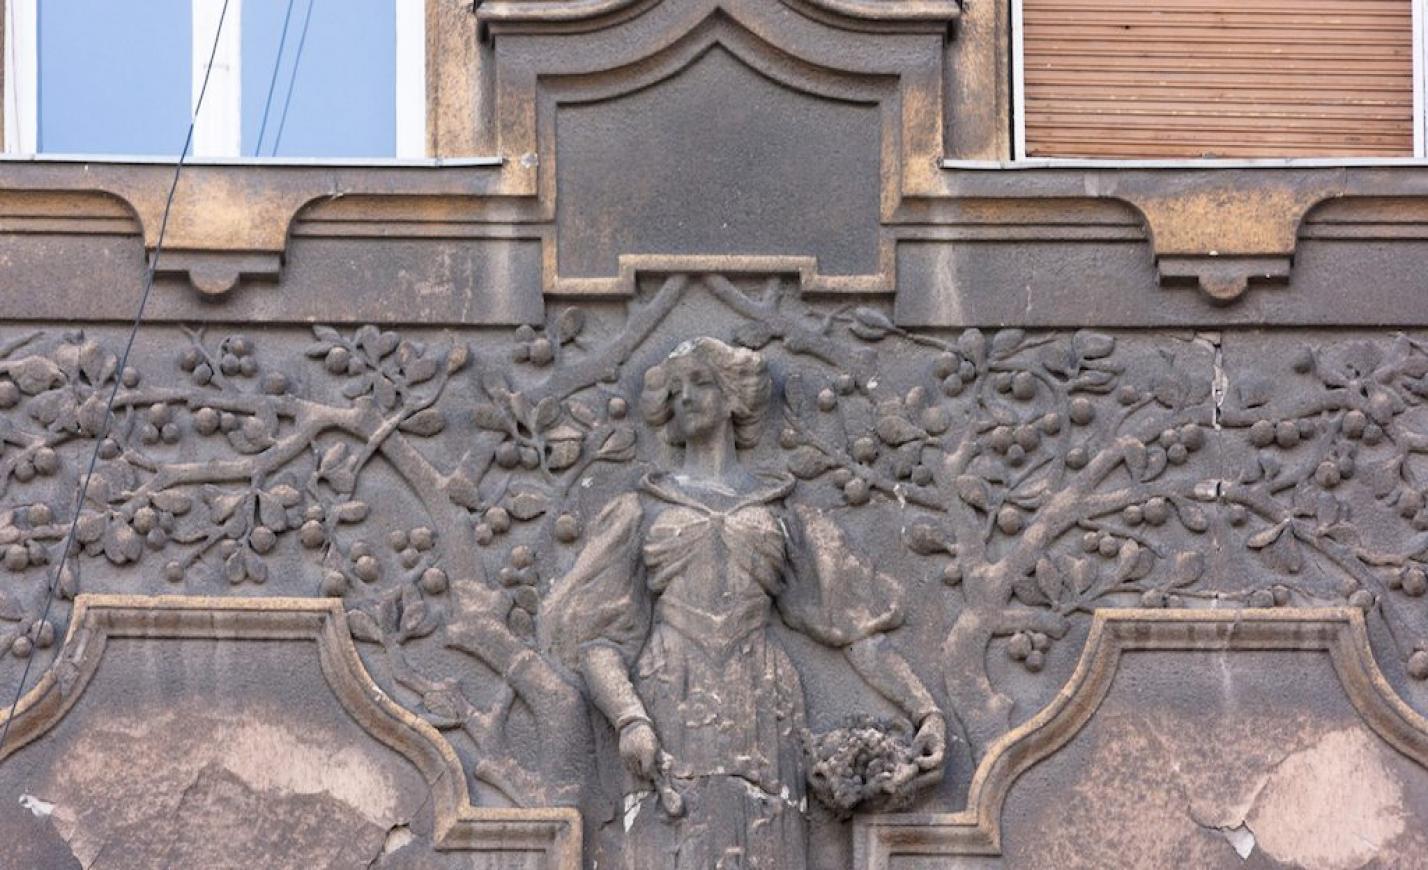 Ismeretlen Budapest: Kosztolányi egykori otthona még ma is őrzi az Üllői úti fák emlékét